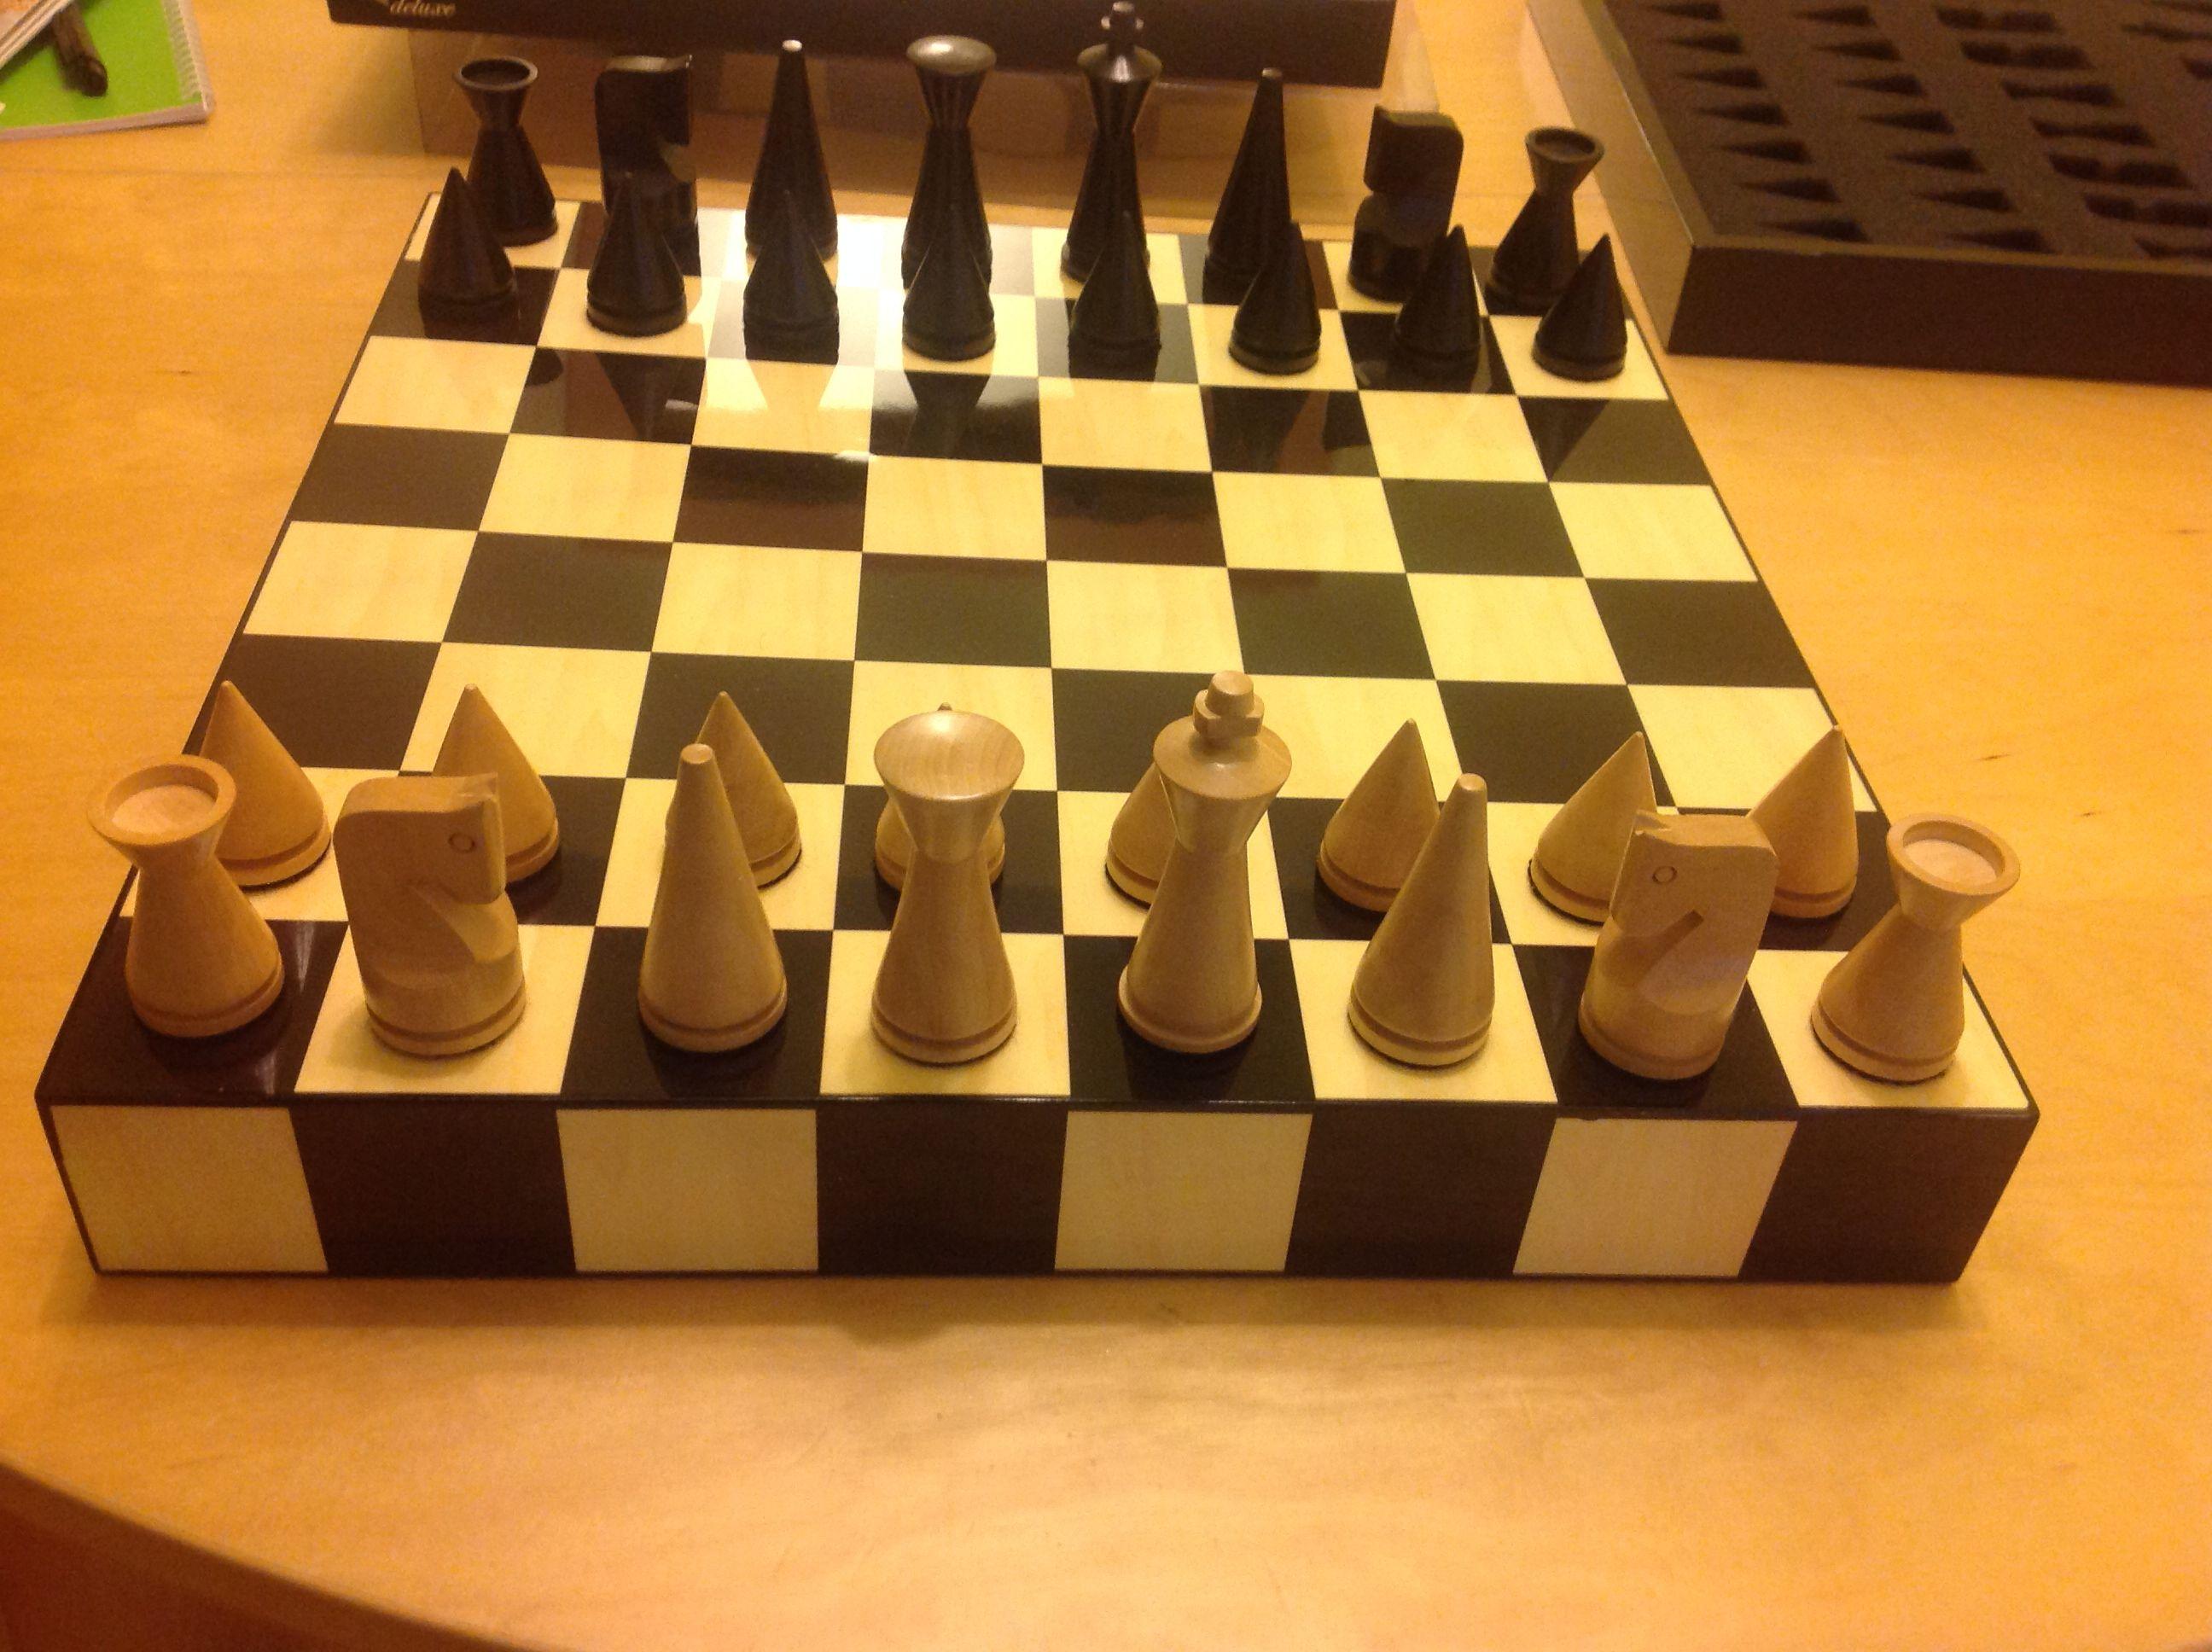 фото шахматной ладьи без доски конечном итоге